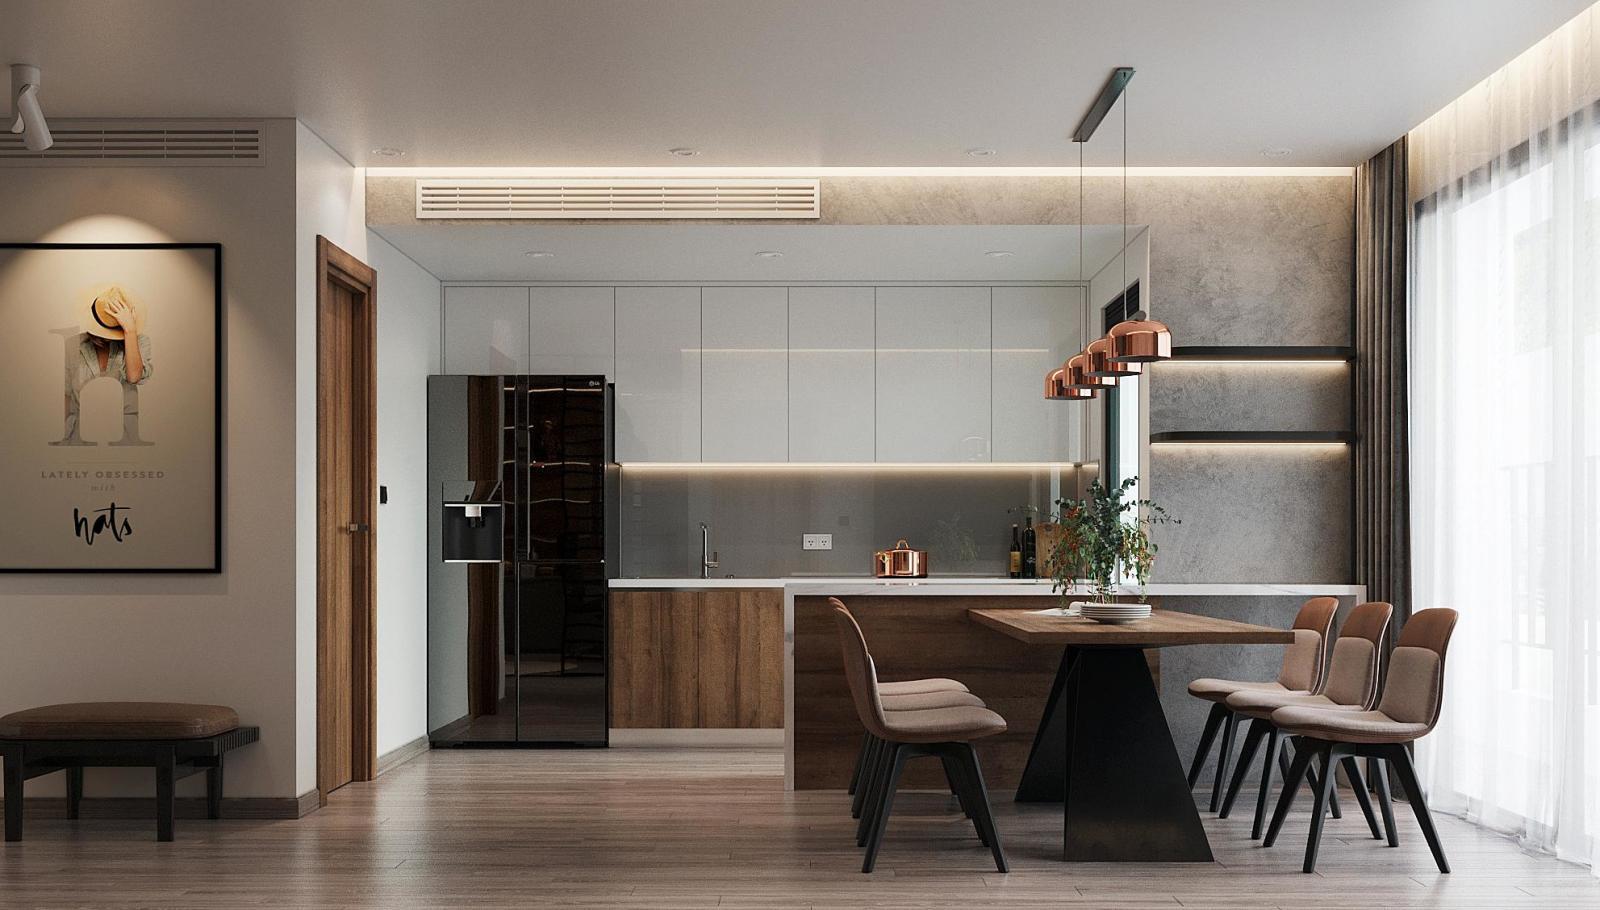 hình ảnh phòng bếp kết hợp phòng ăn trong căn hộ của youtuber Lê Hoàng Nam